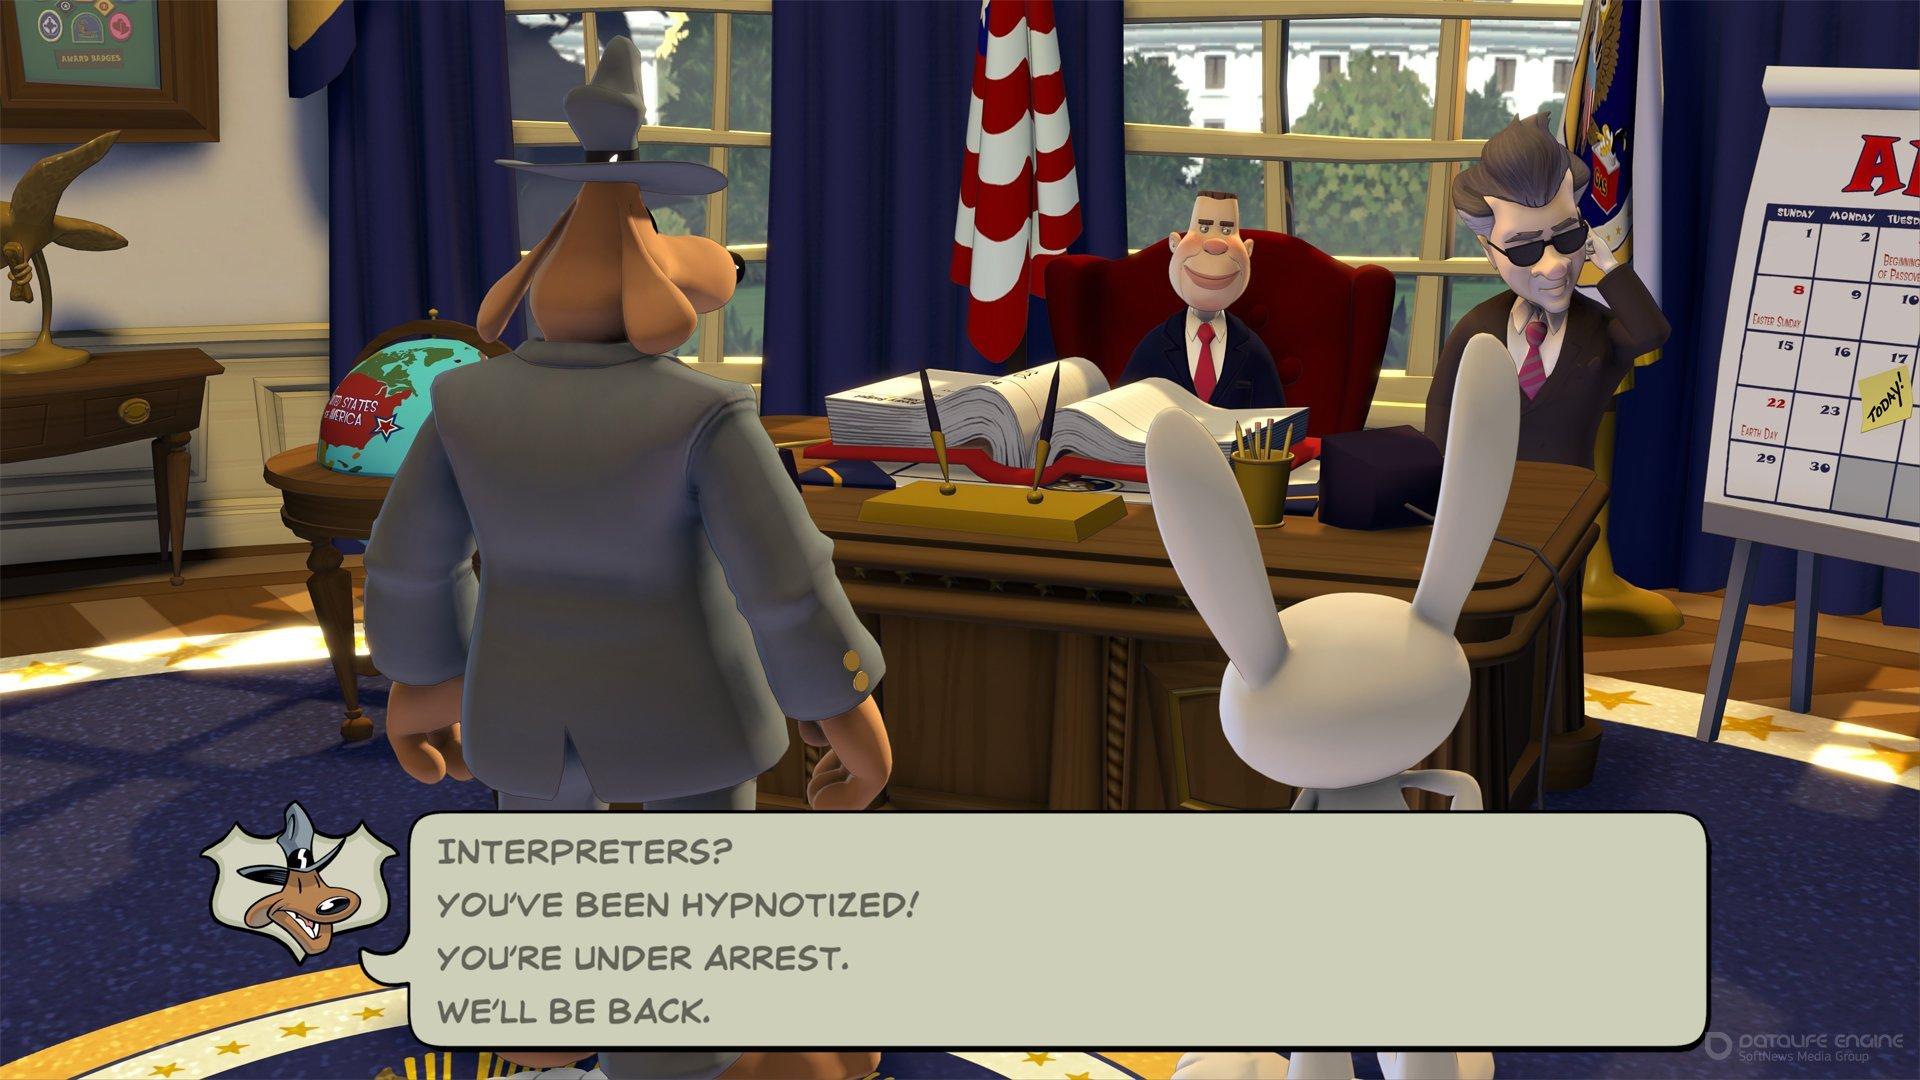 Скриншот к игре Sam & Max Save the World v.1.0.7 [GOG] (2006-2020) скачать торрент Лицензия